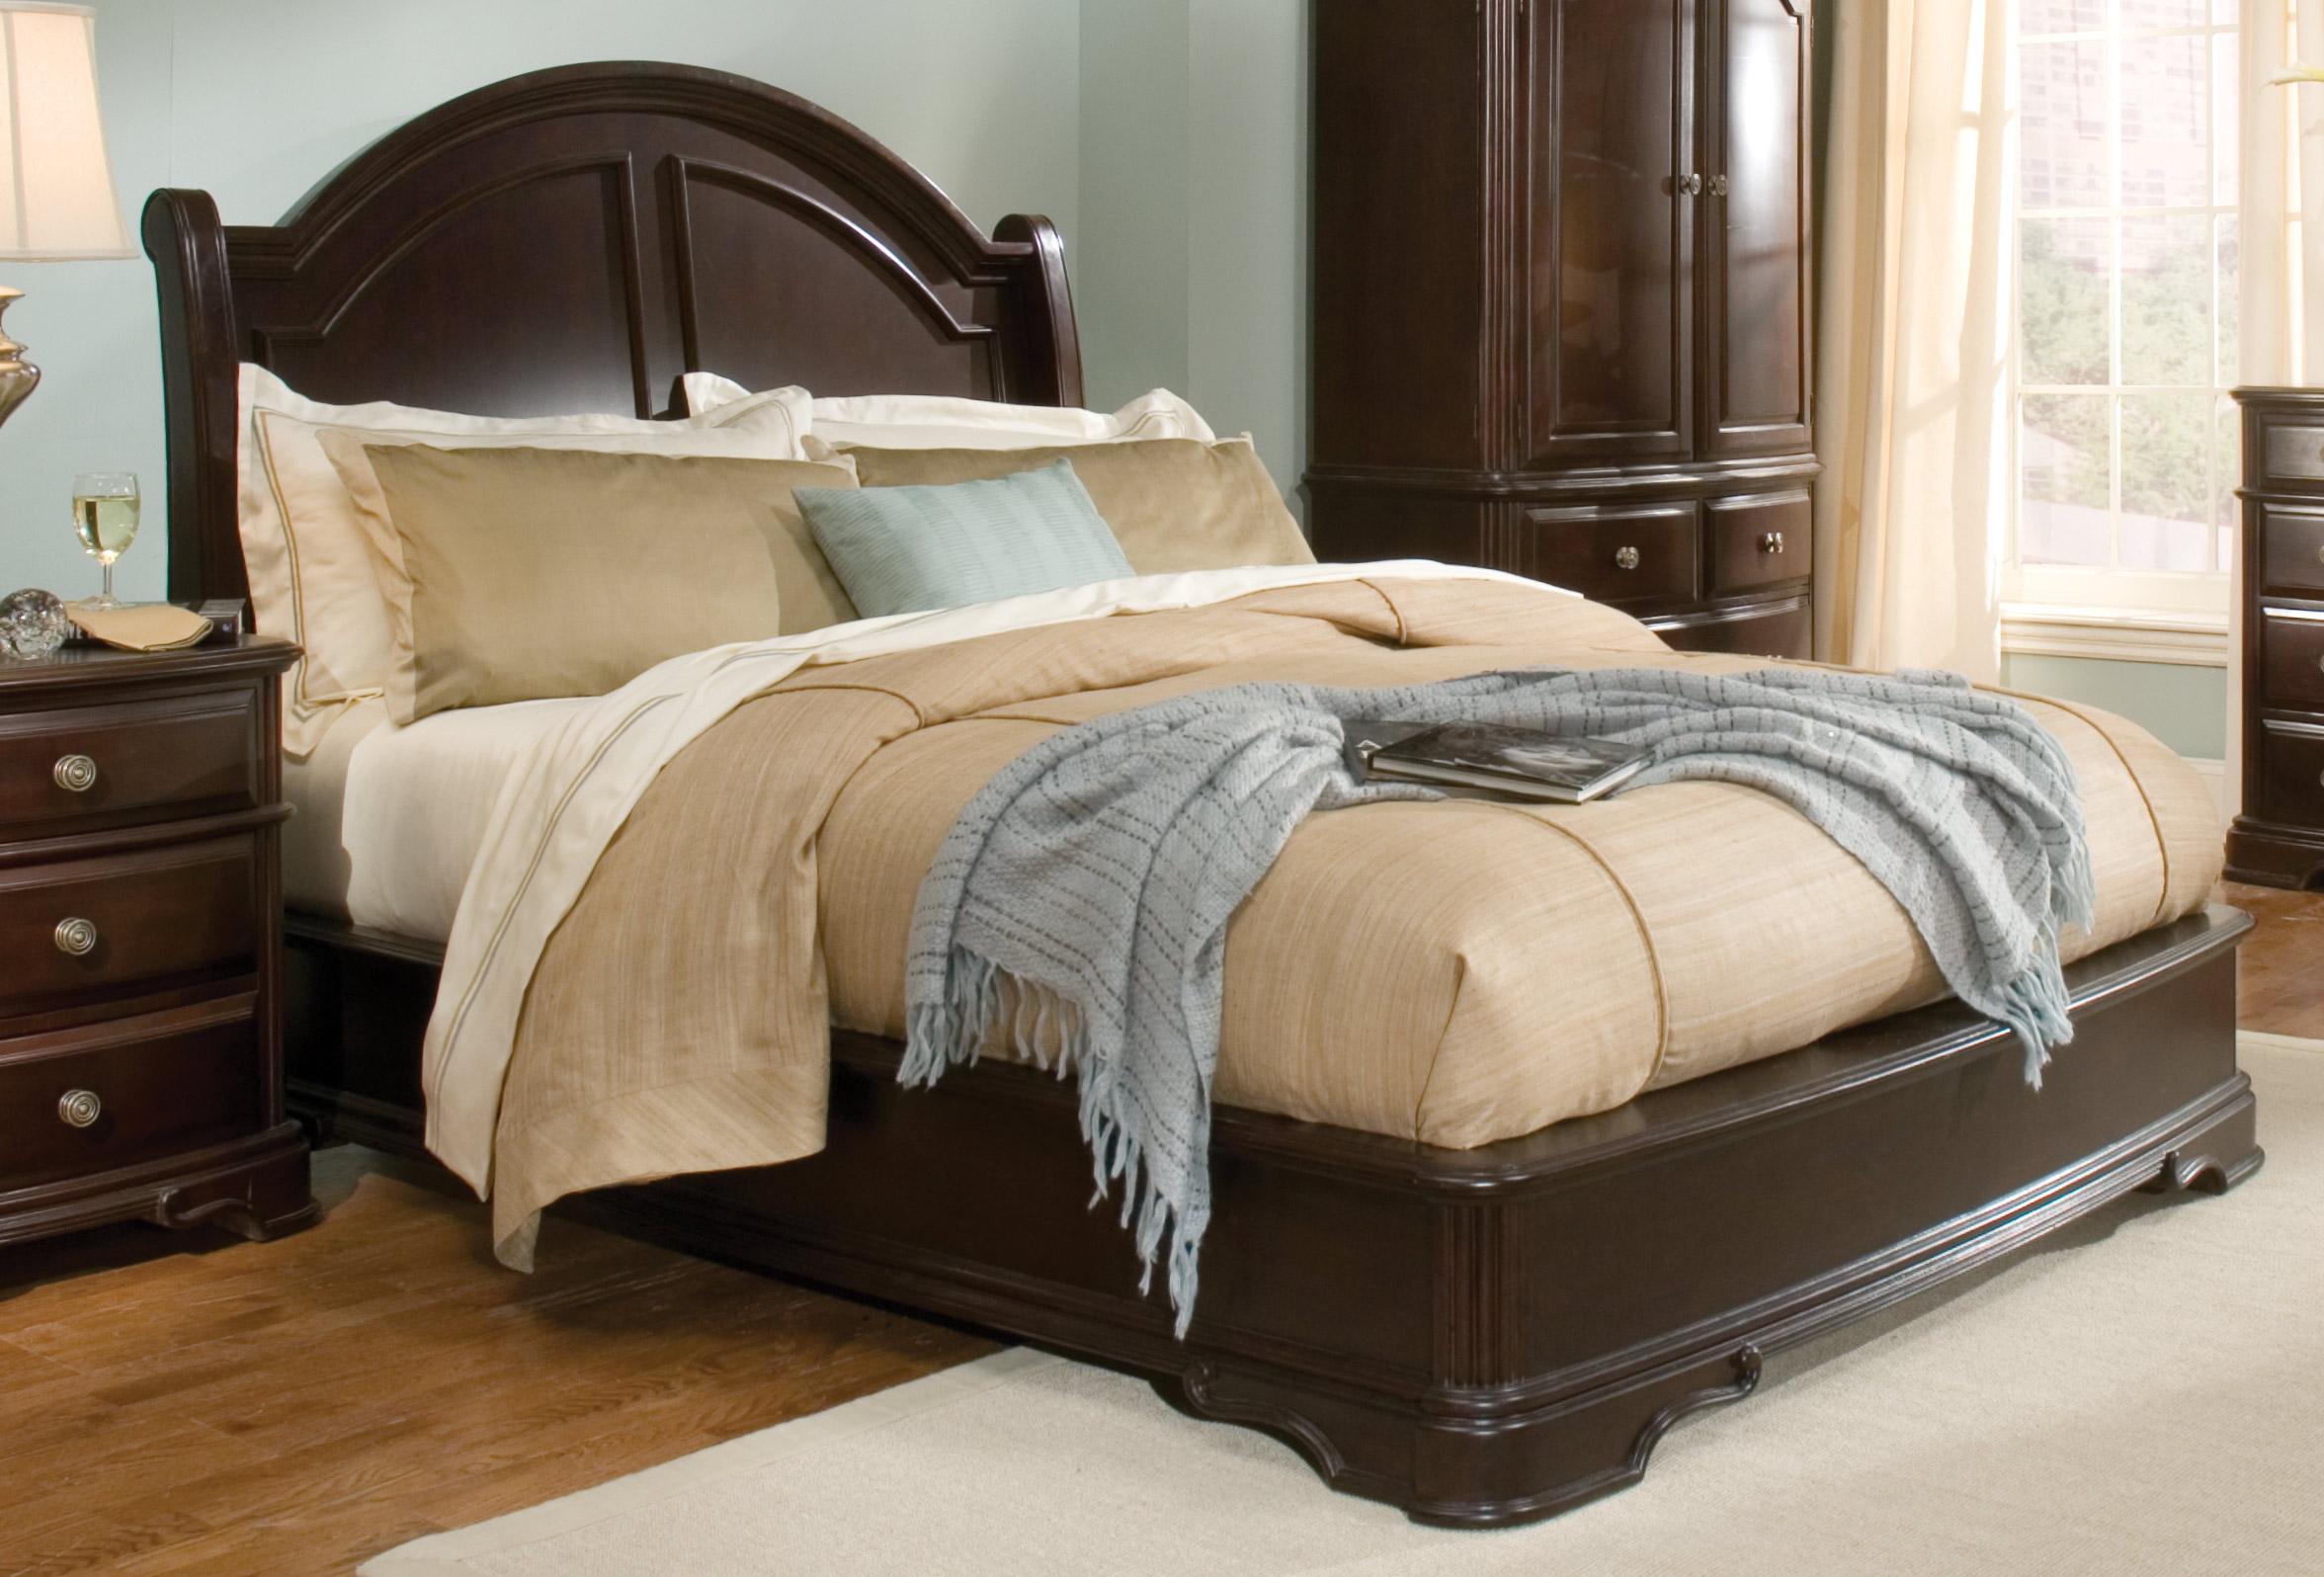 Homelegance Grandover Bed 858LP-1